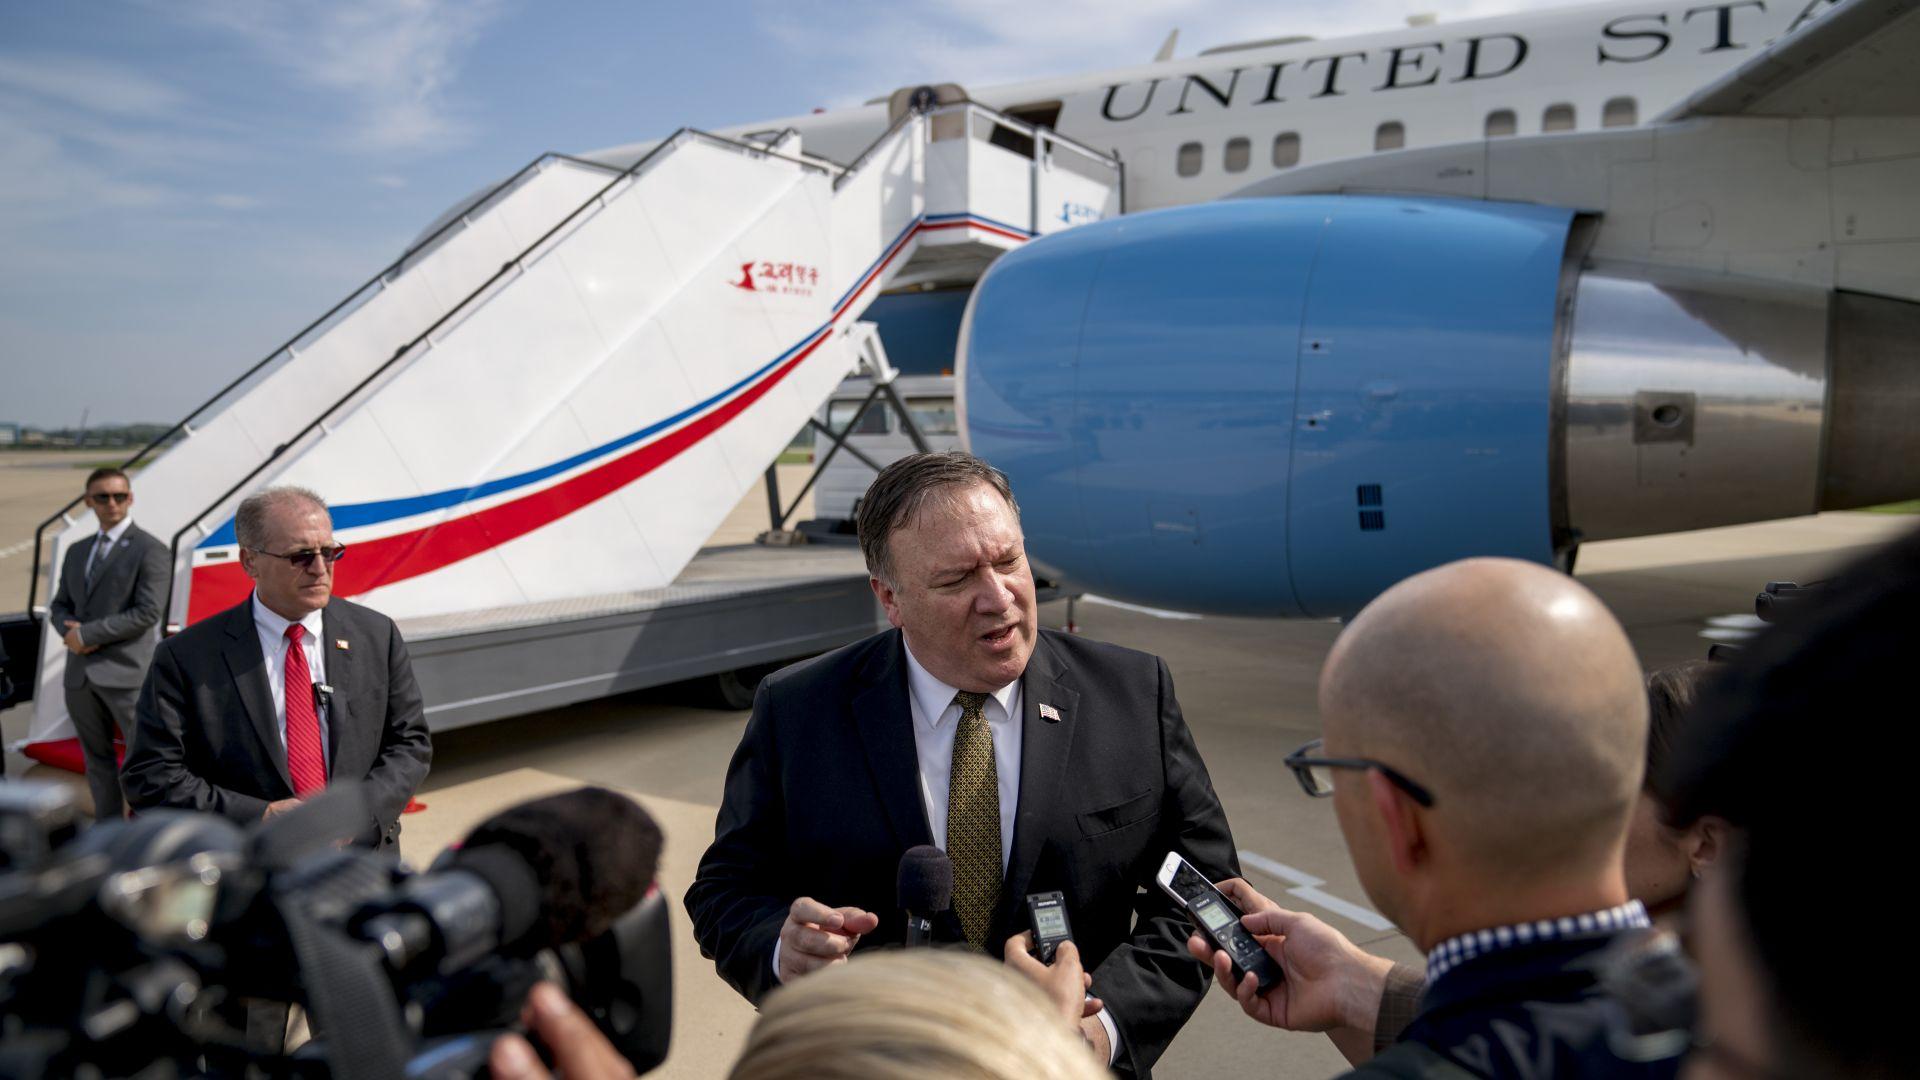 САЩ обмислят изключения при внос на ирански петрол